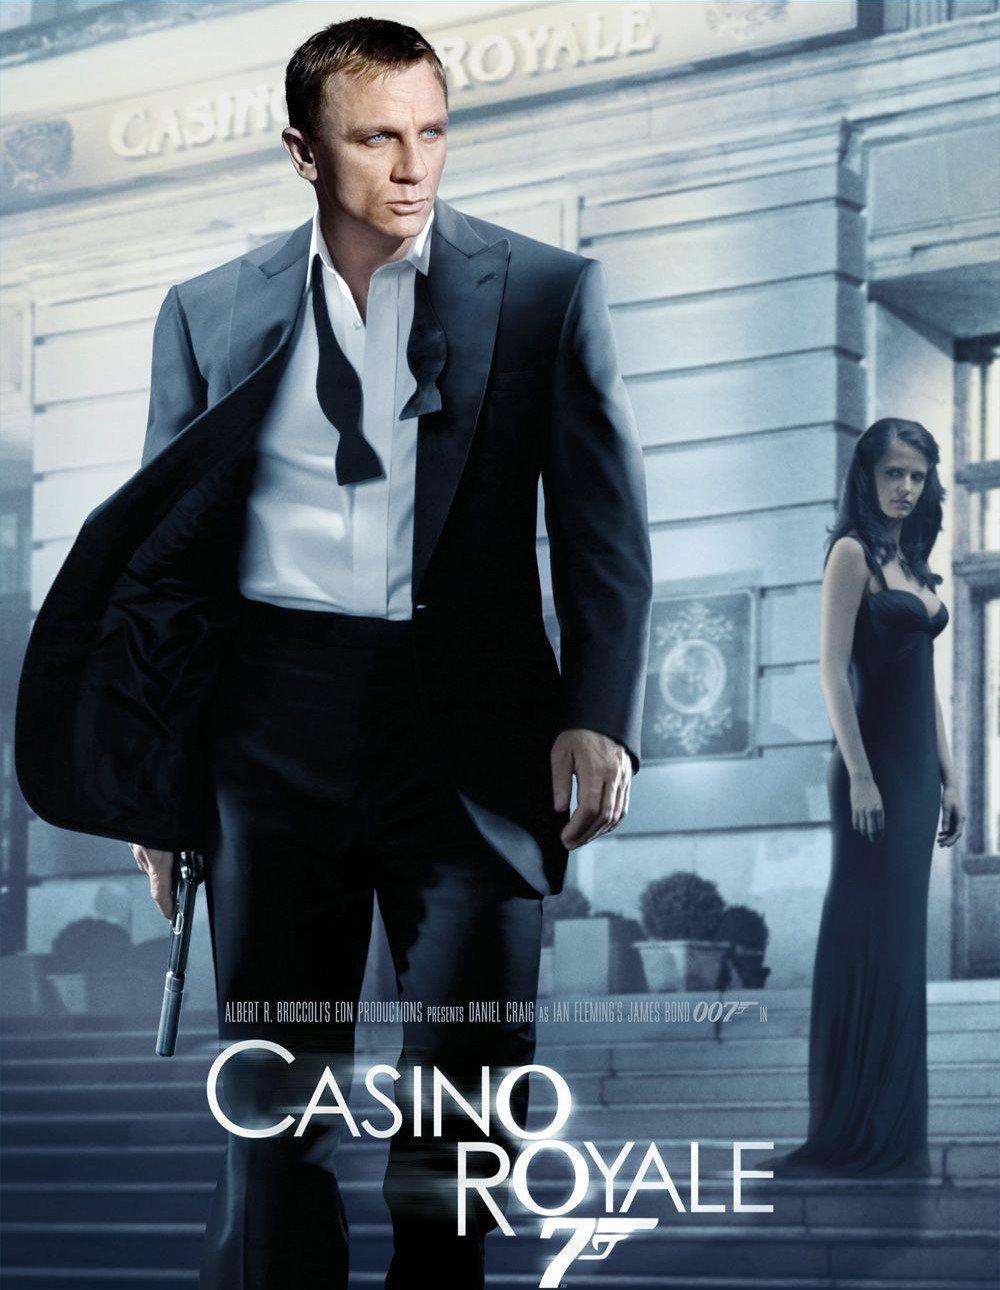 Casino Royale Film İncelemesi